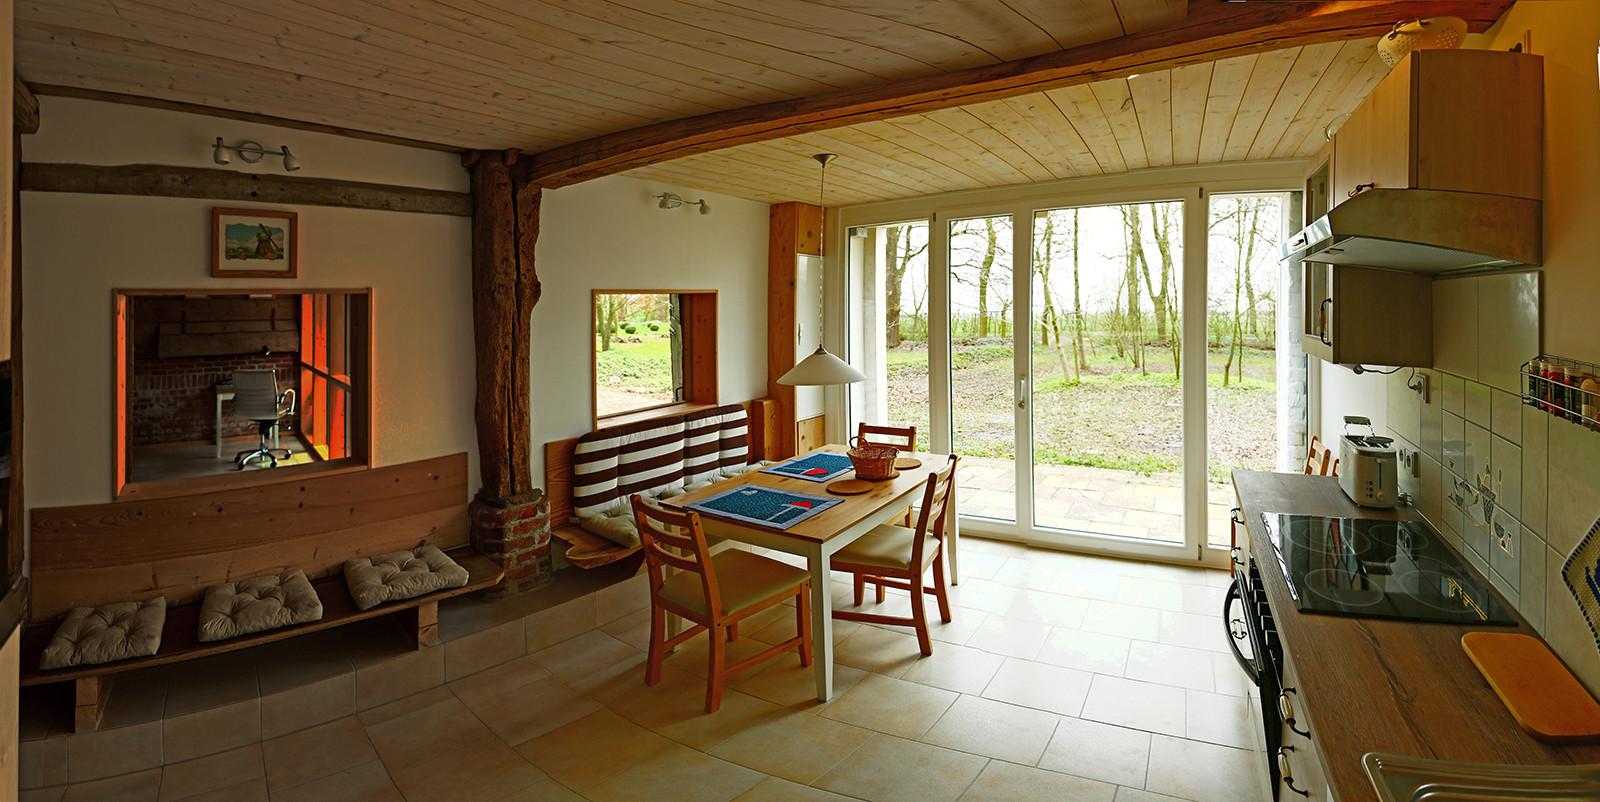 Diese Wohnküche öffnet sich über eine große Tür direkt zum Garten.